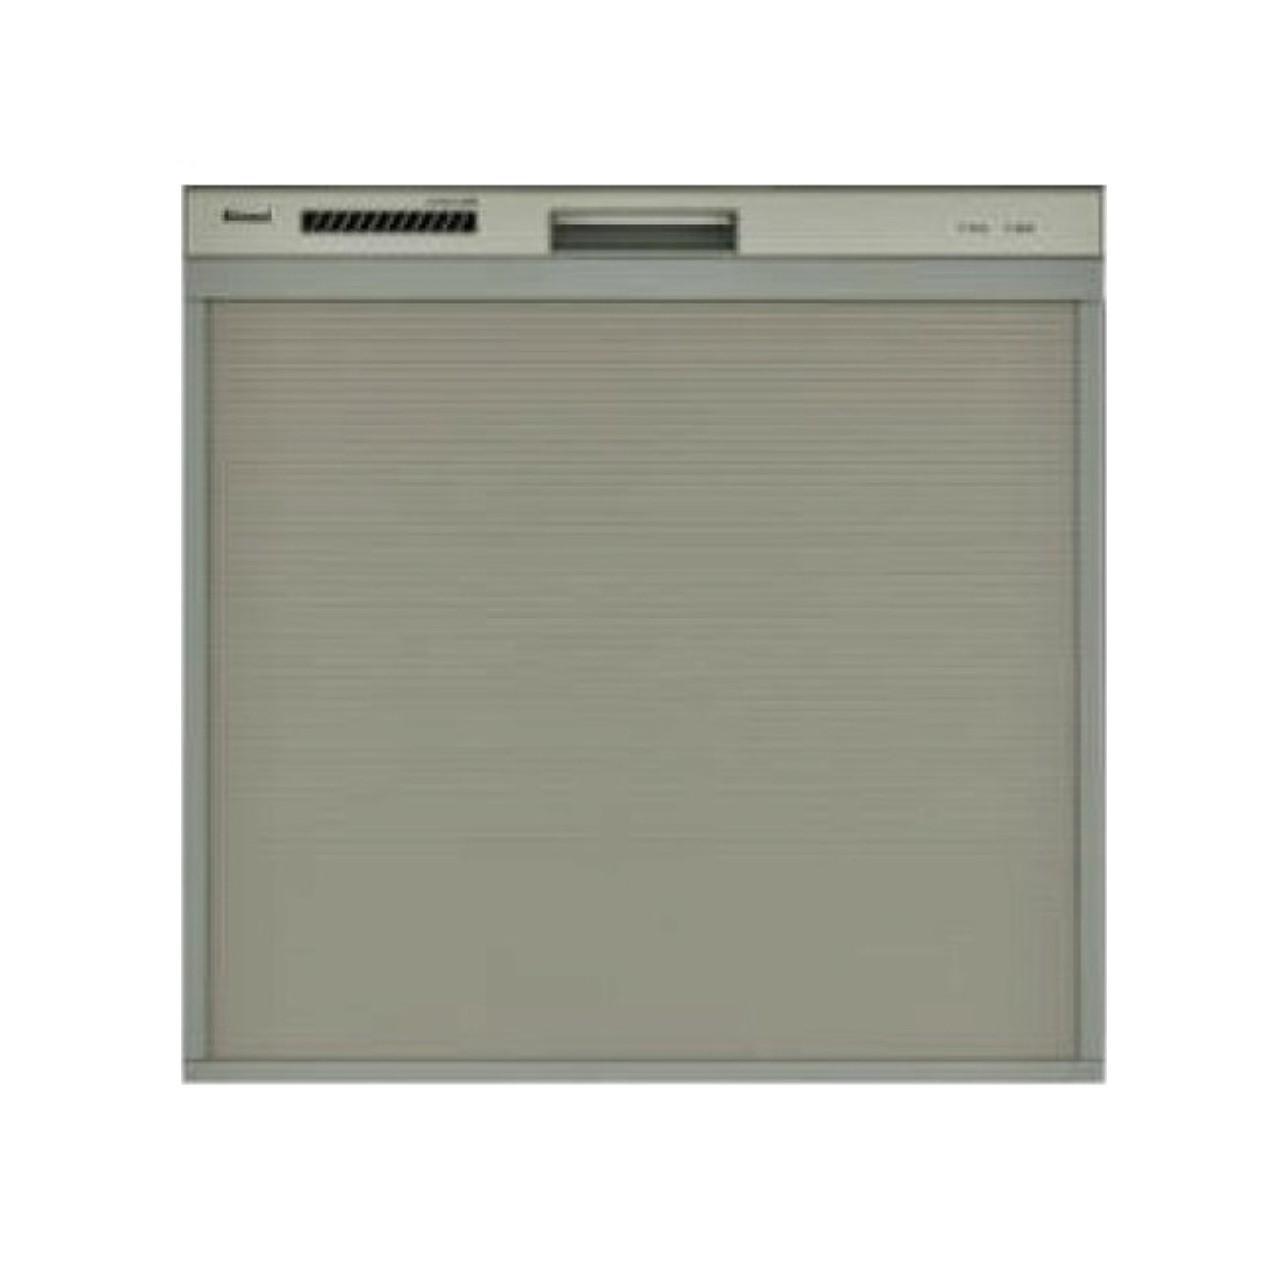 リンナイRSWA-C402Cビルトイン食器洗い乾燥機